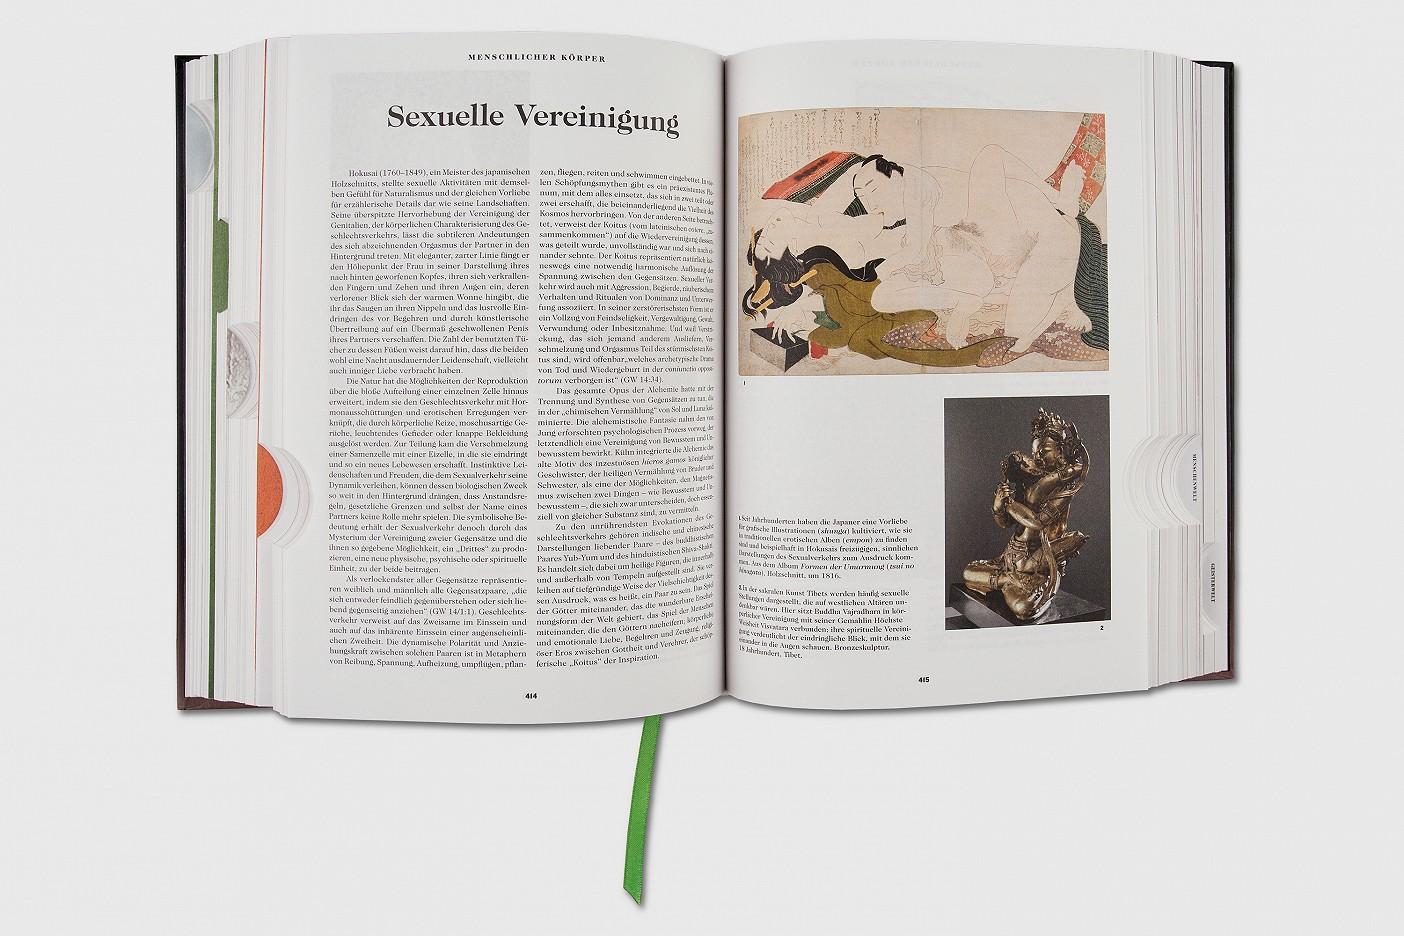 Das Buch der Symbole - Betrachtungen zu archetypischen Bildern